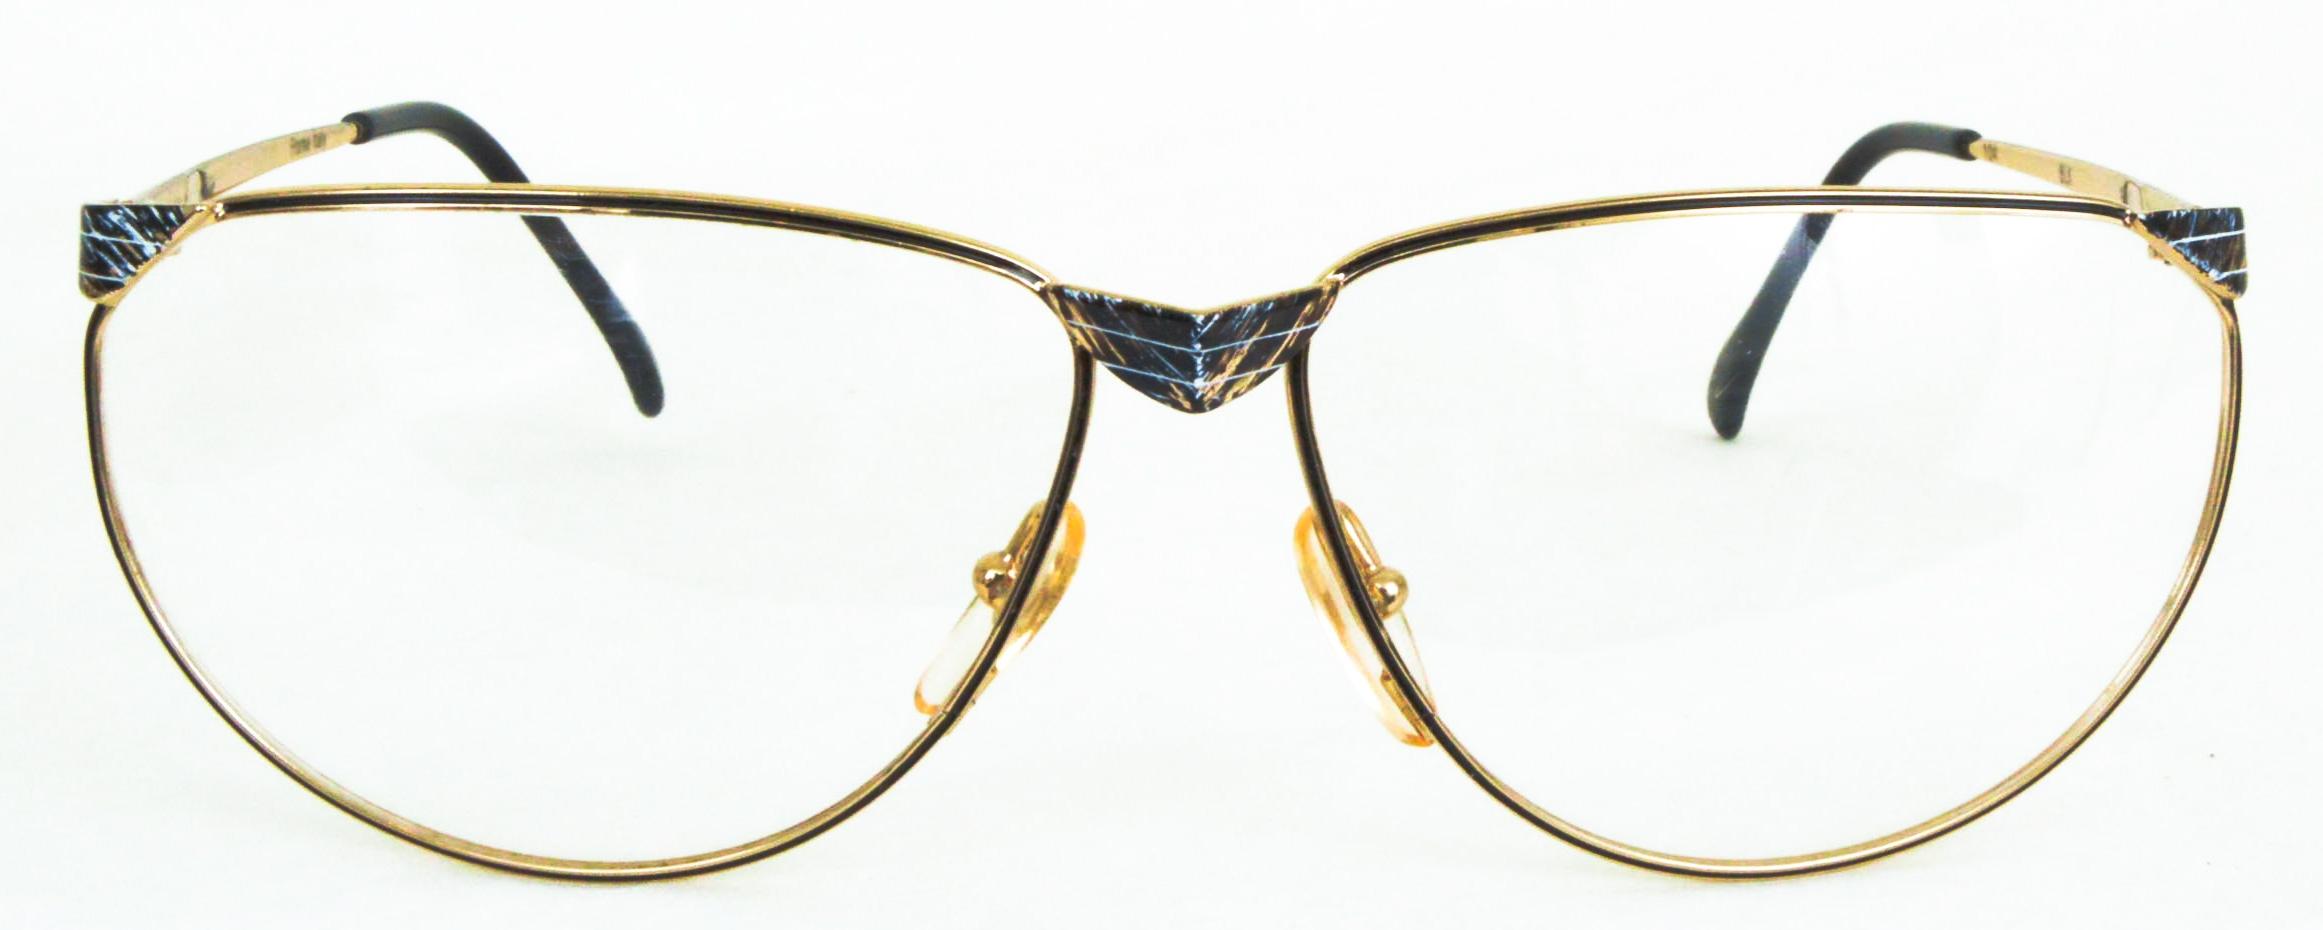 Image of 104 Eyeglasses, Black/Shiny Gold